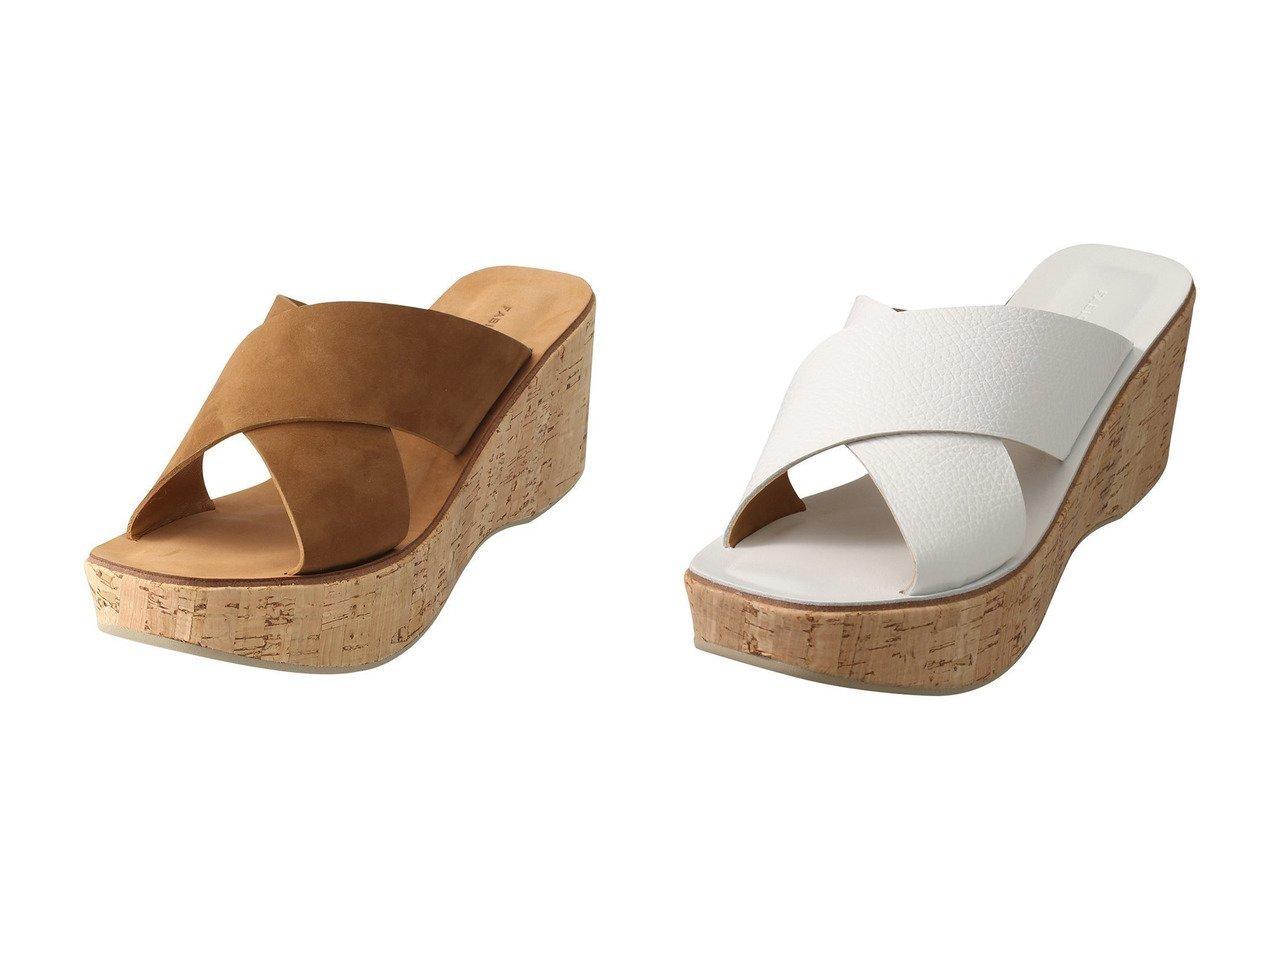 【FABIO RUSCONI/ファビオ ルスコーニ】のスエードクロスベルトコルクソールサンダル&クロスベルトコルクソールサンダル 【シューズ・靴】おすすめ!人気、トレンド・レディースファッションの通販 おすすめで人気の流行・トレンド、ファッションの通販商品 メンズファッション・キッズファッション・インテリア・家具・レディースファッション・服の通販 founy(ファニー) https://founy.com/ ファッション Fashion レディースファッション WOMEN ベルト Belts 2021年 2021 2021春夏・S/S SS/Spring/Summer/2021 S/S・春夏 SS・Spring/Summer サンダル 再入荷 Restock/Back in Stock/Re Arrival 春 Spring  ID:crp329100000028383